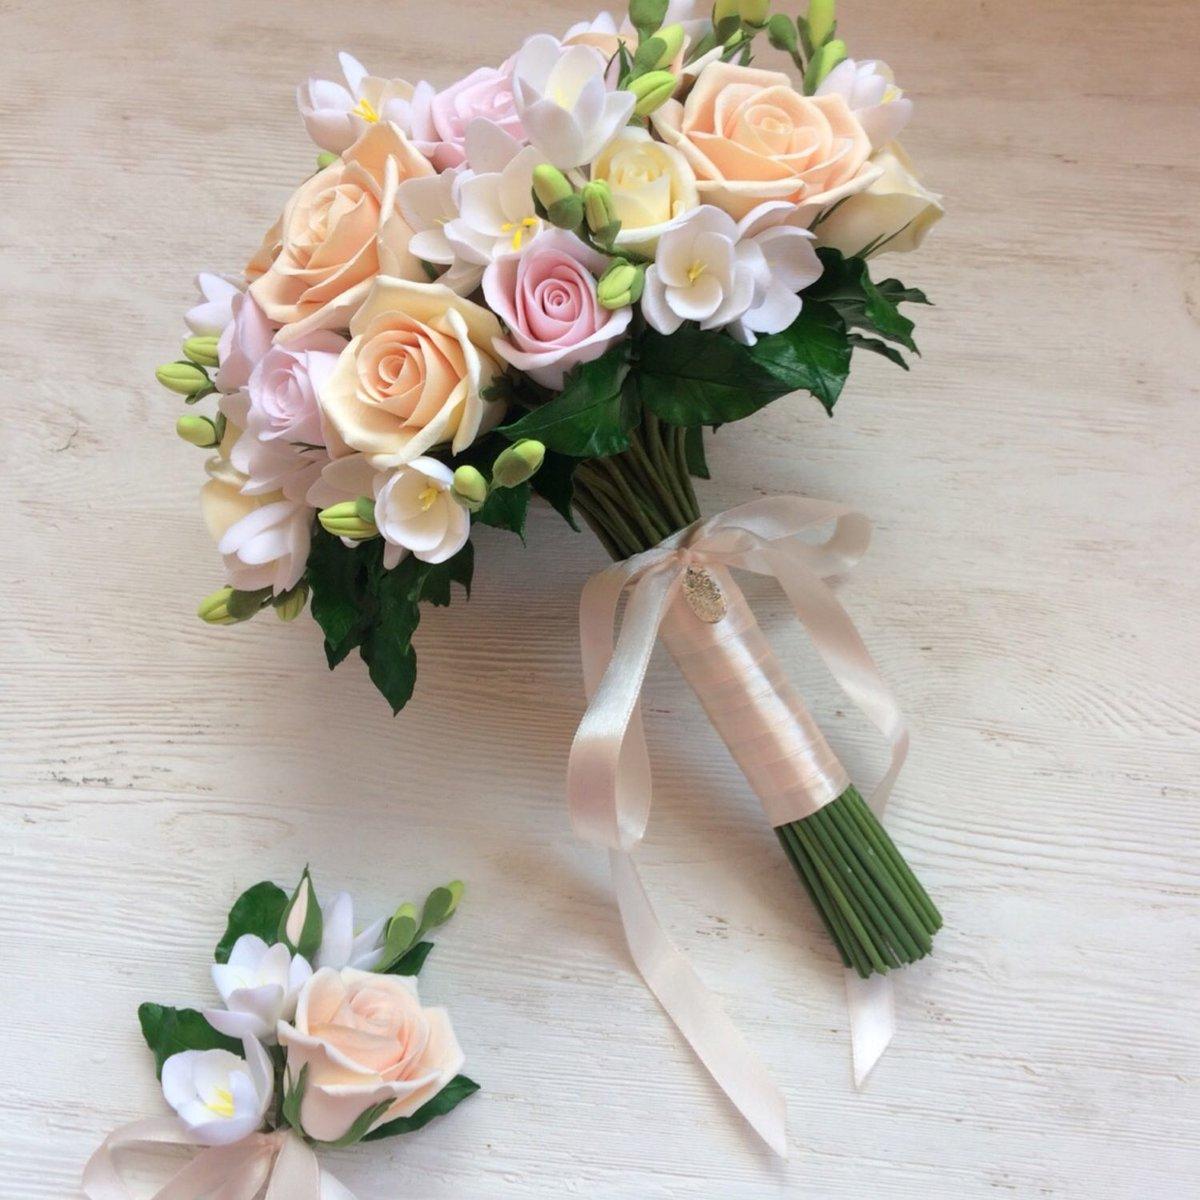 личный маленькие букеты для невест картинки для первого